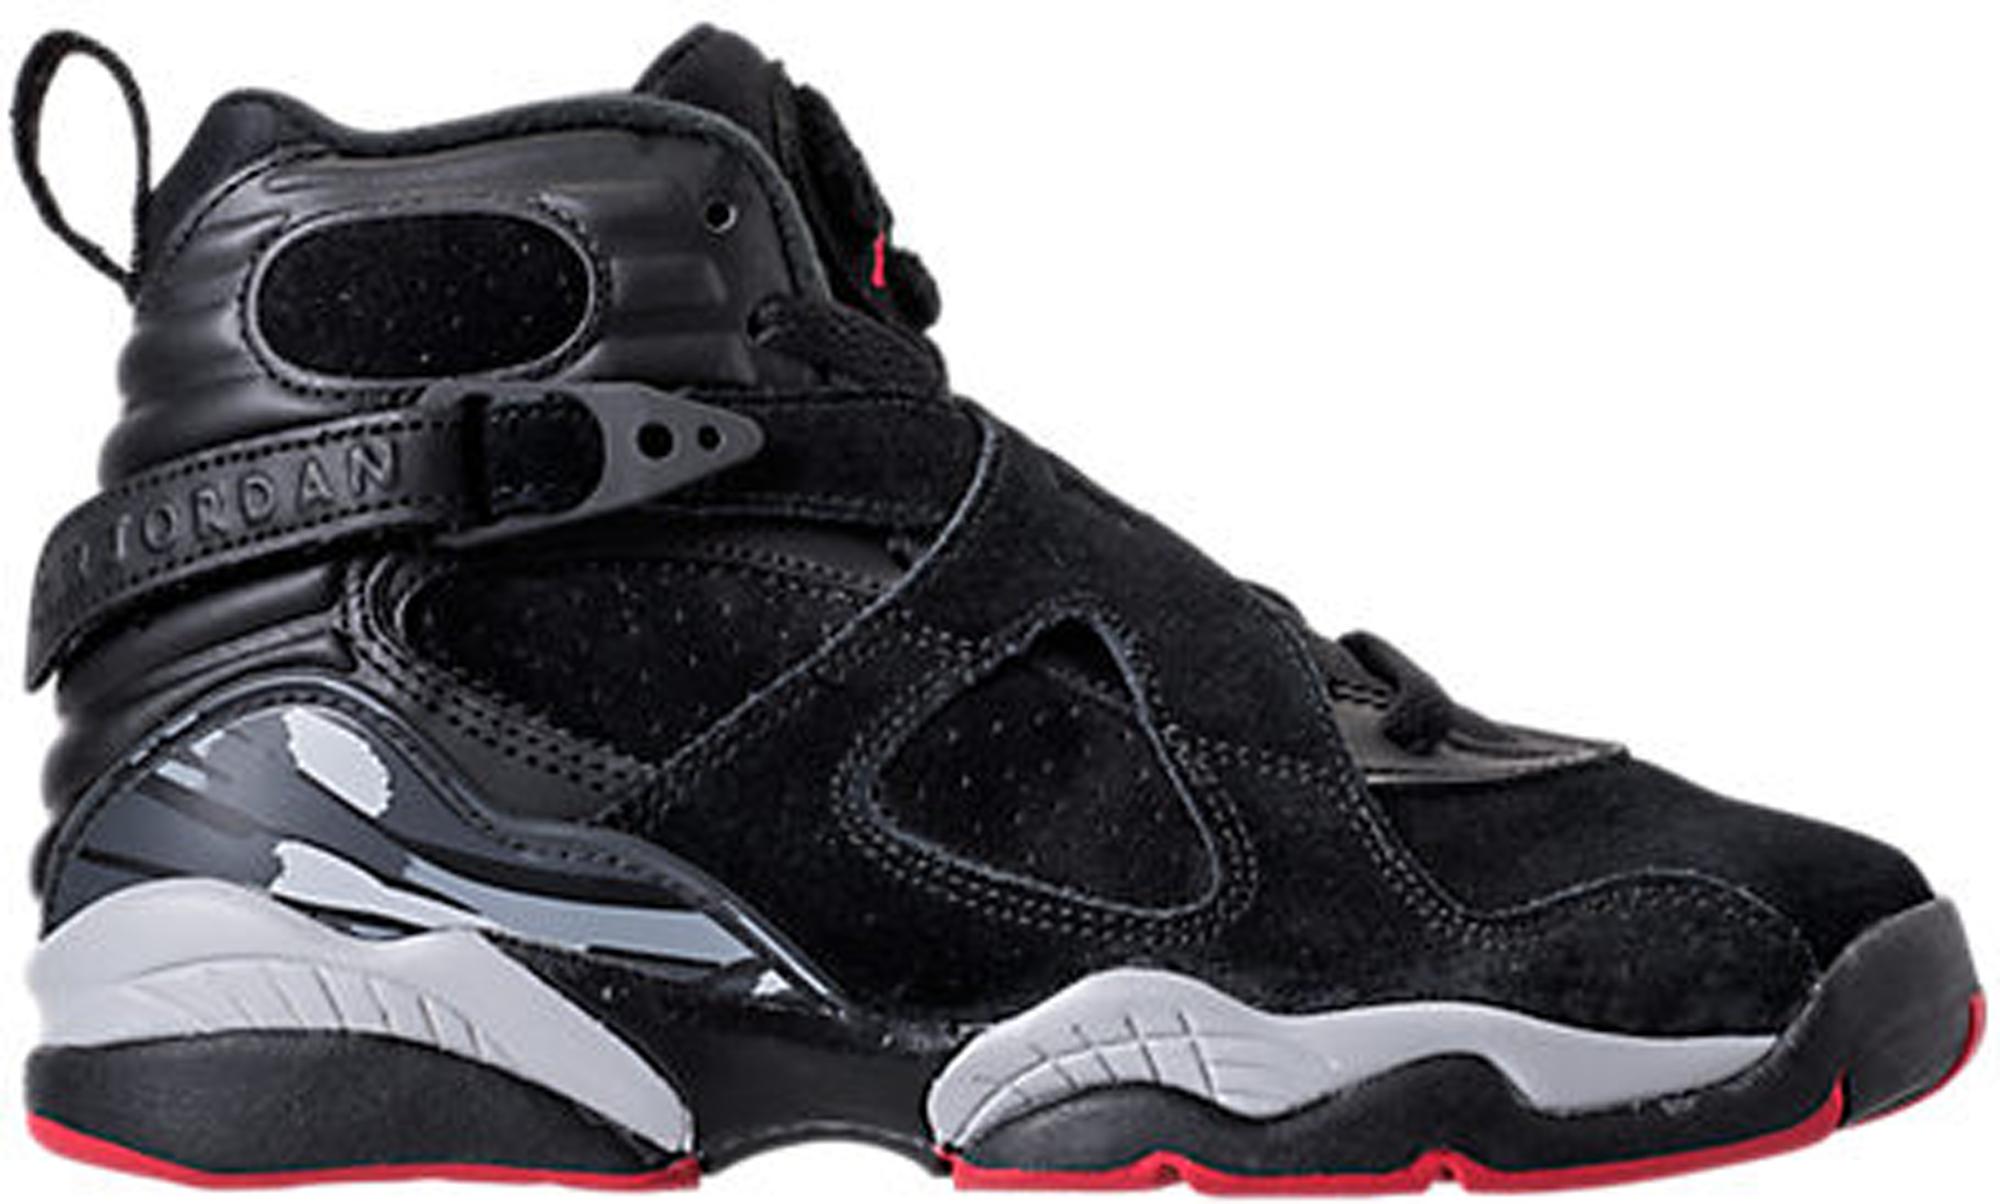 Jordan 8 Retro Black Cement (GS)